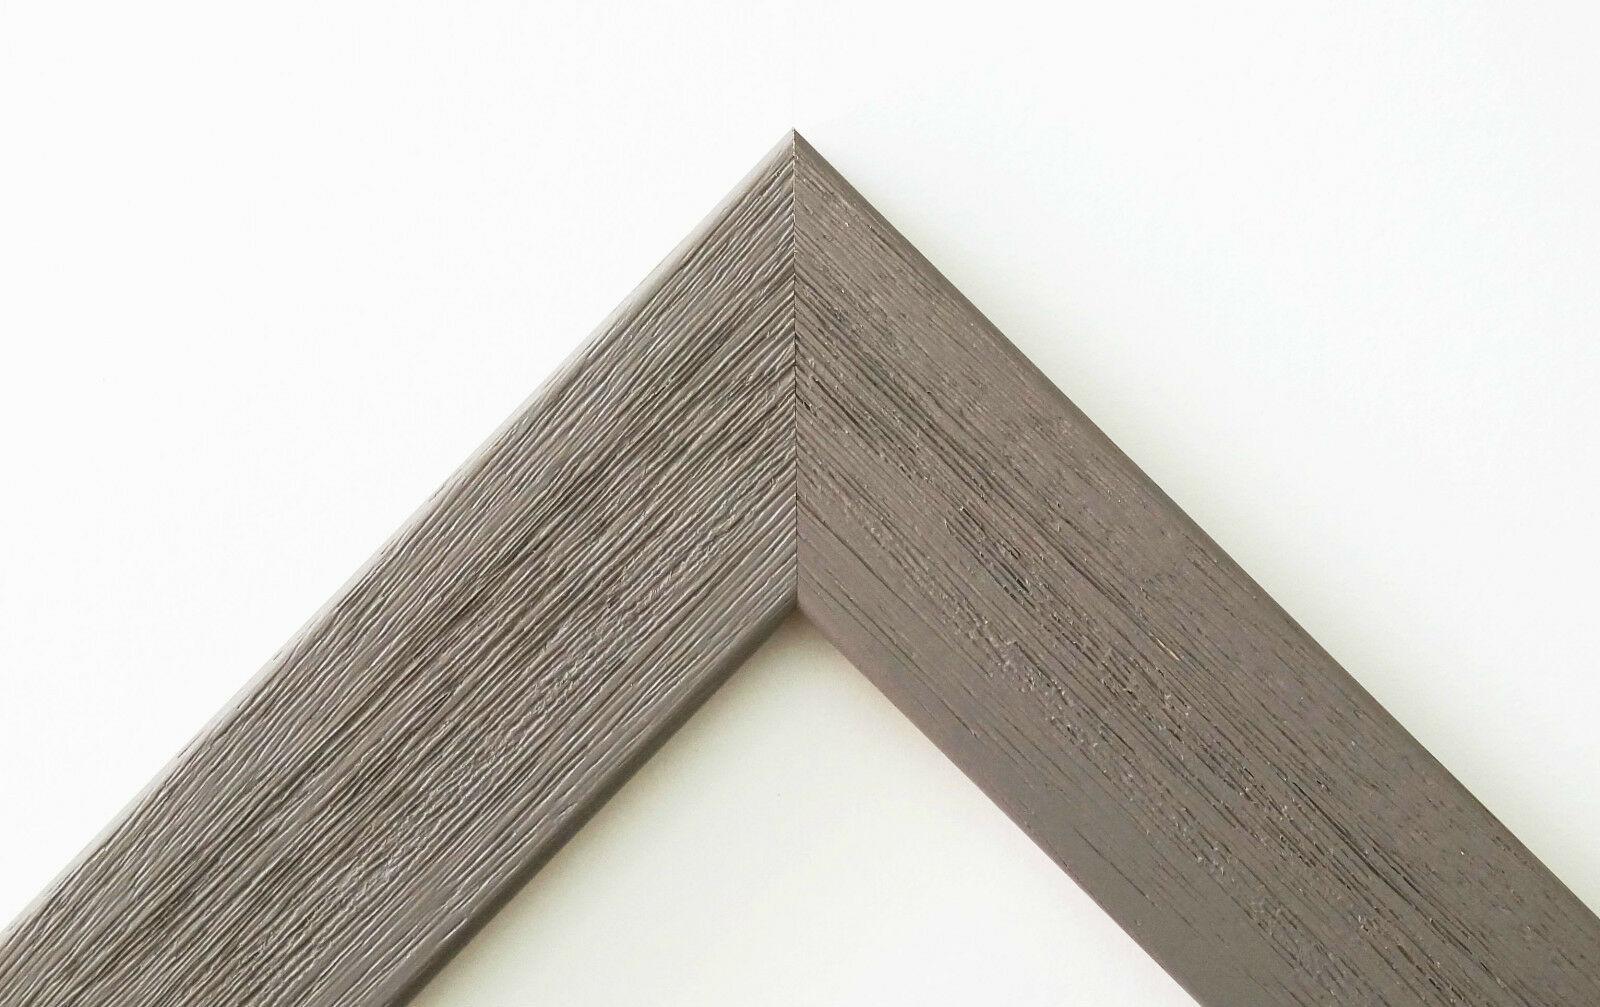 alle Größen Garderobenspiegel Grau Struktur Florenz Shabby Landhaus 4,0